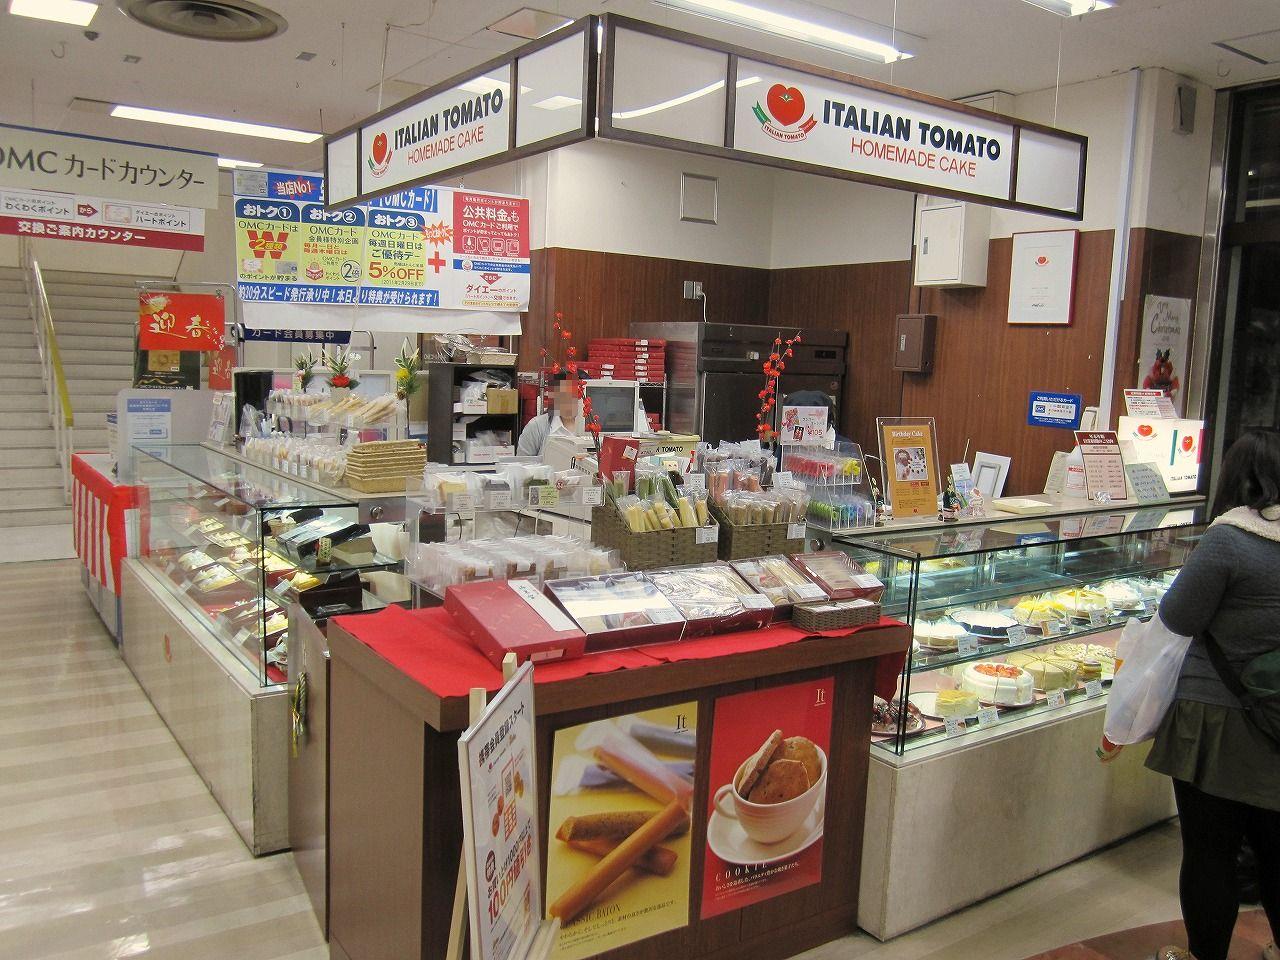 イタリアン・トマト ケーキショップ ダイエー西台店